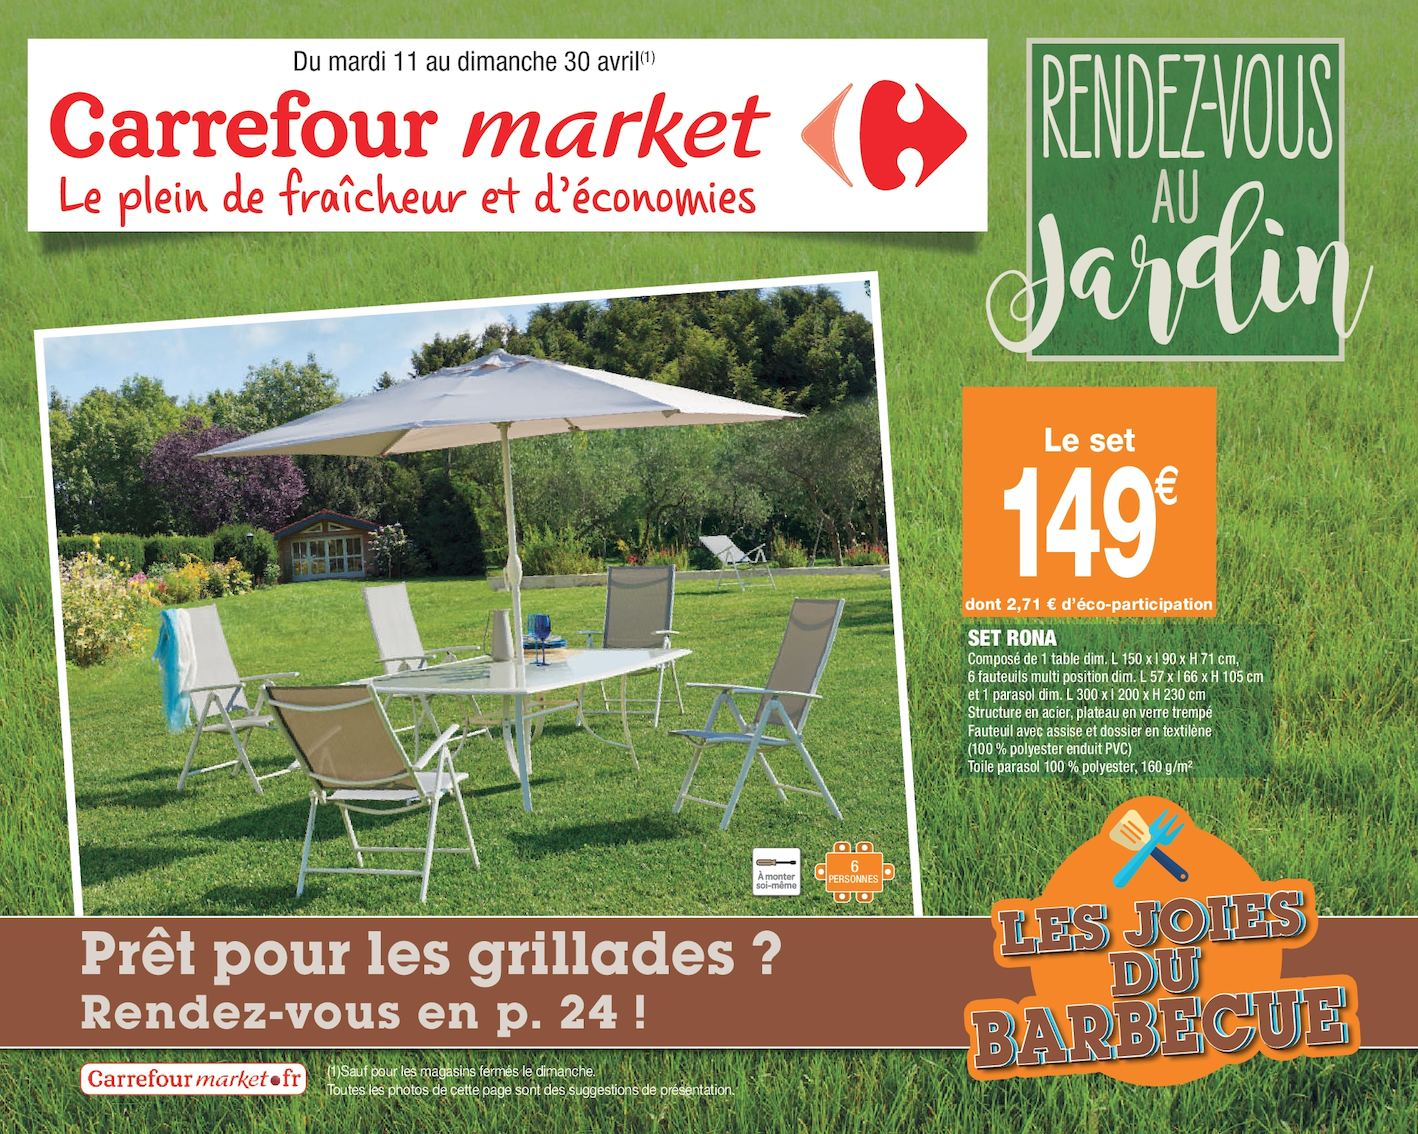 salon de jardin carrefour market the